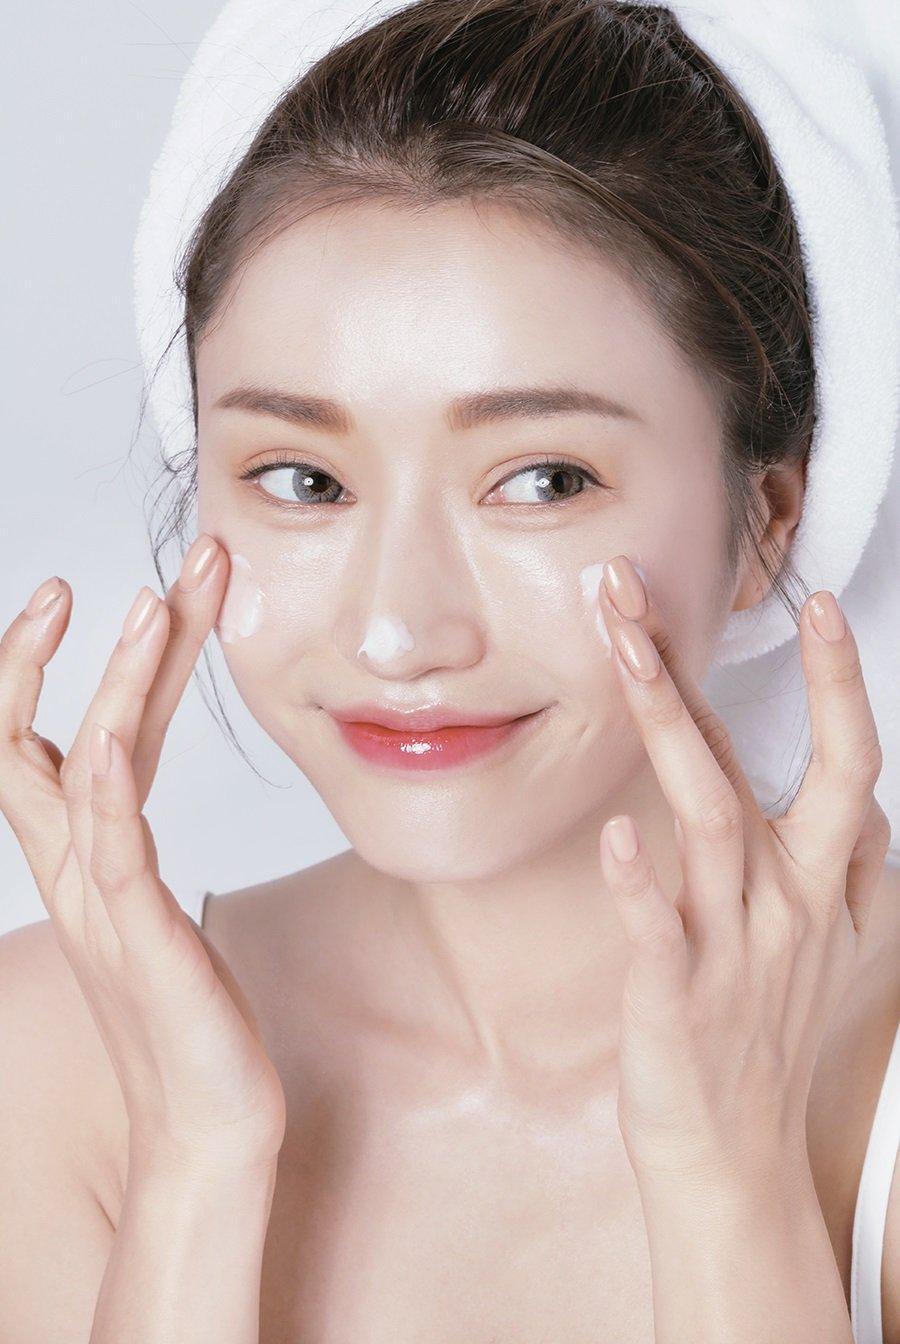 7 bước chăm sóc da ban ngày đúng chuẩn để có một làn da khỏe mạnh